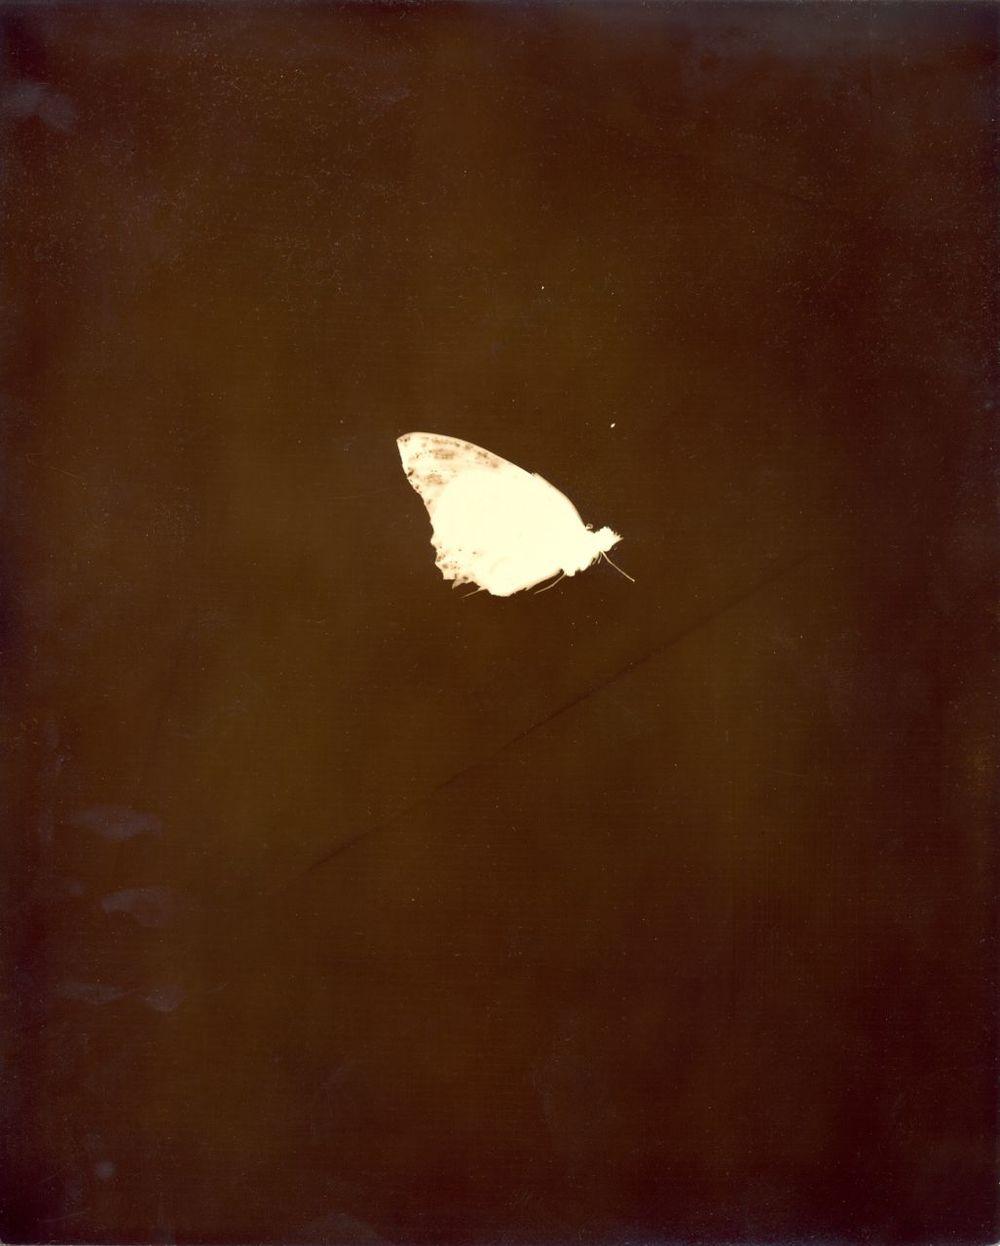 butterfly3 (1).jpg